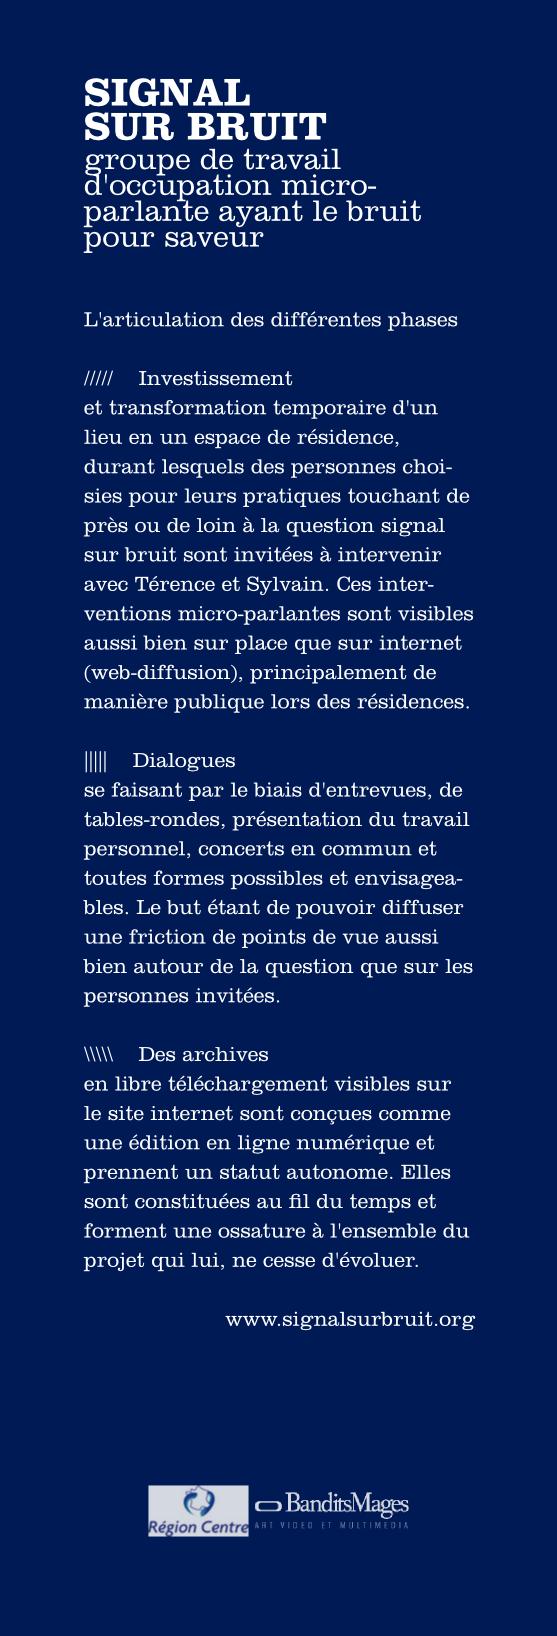 SIGNAL SUR BRUIT ///// groupe de travail d'occupation microparlante ayant le bruit pour saveur ///// présentation du projet microparlant de Sylvain & Térence